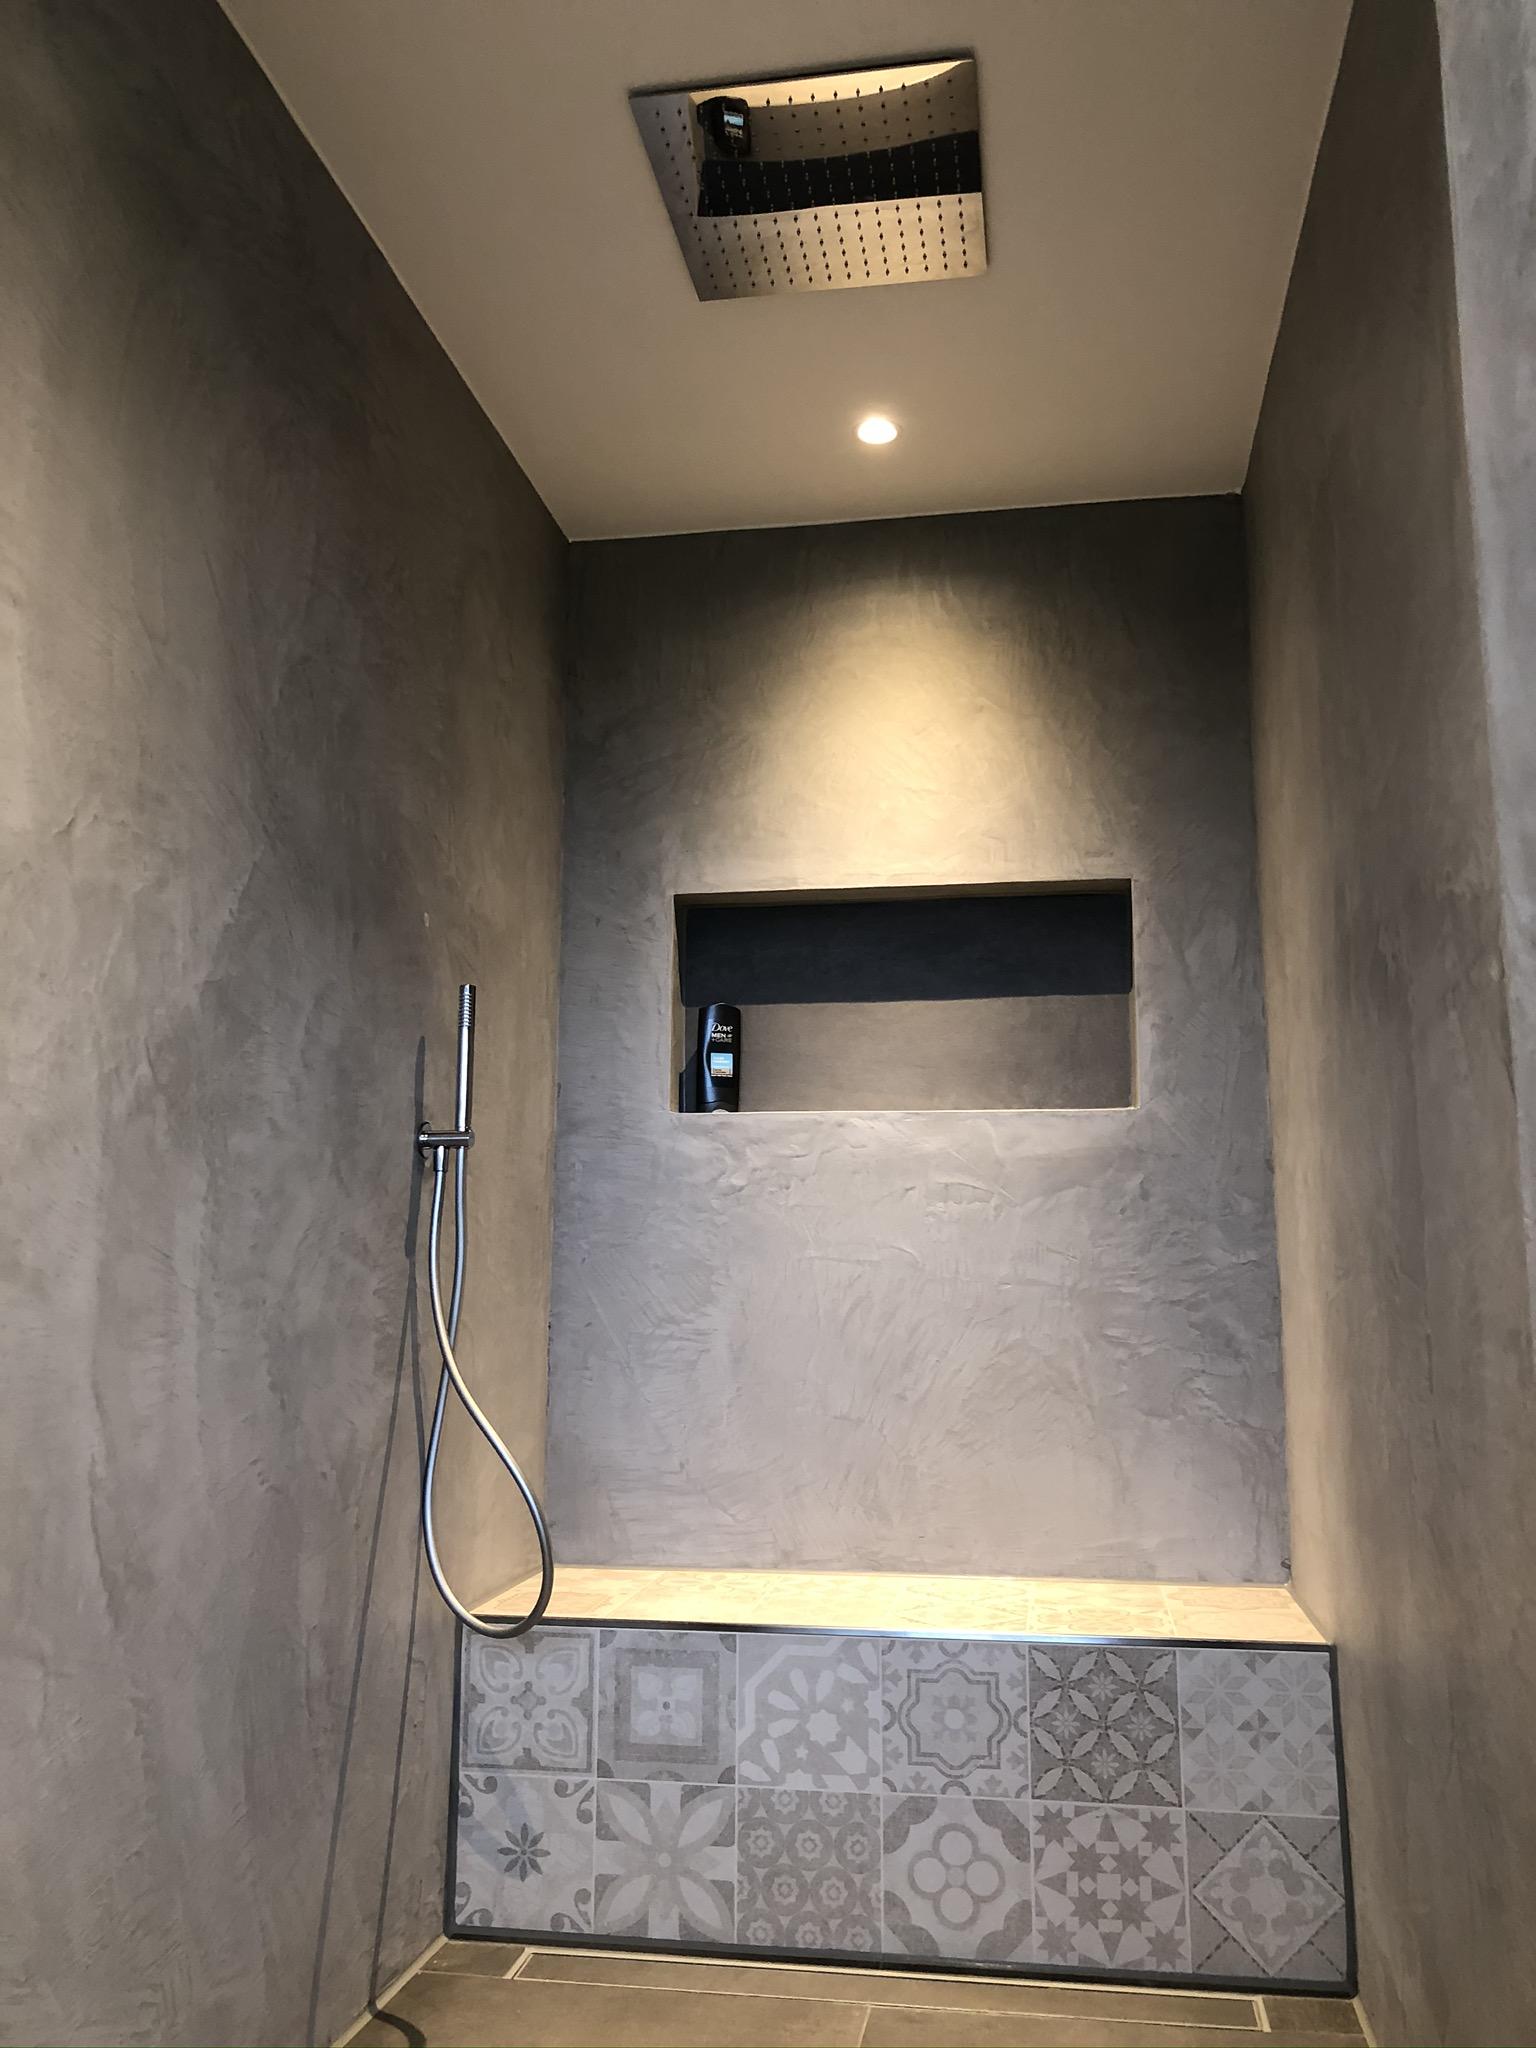 Lavello inbouw douche met luxe plafond hoofddouche